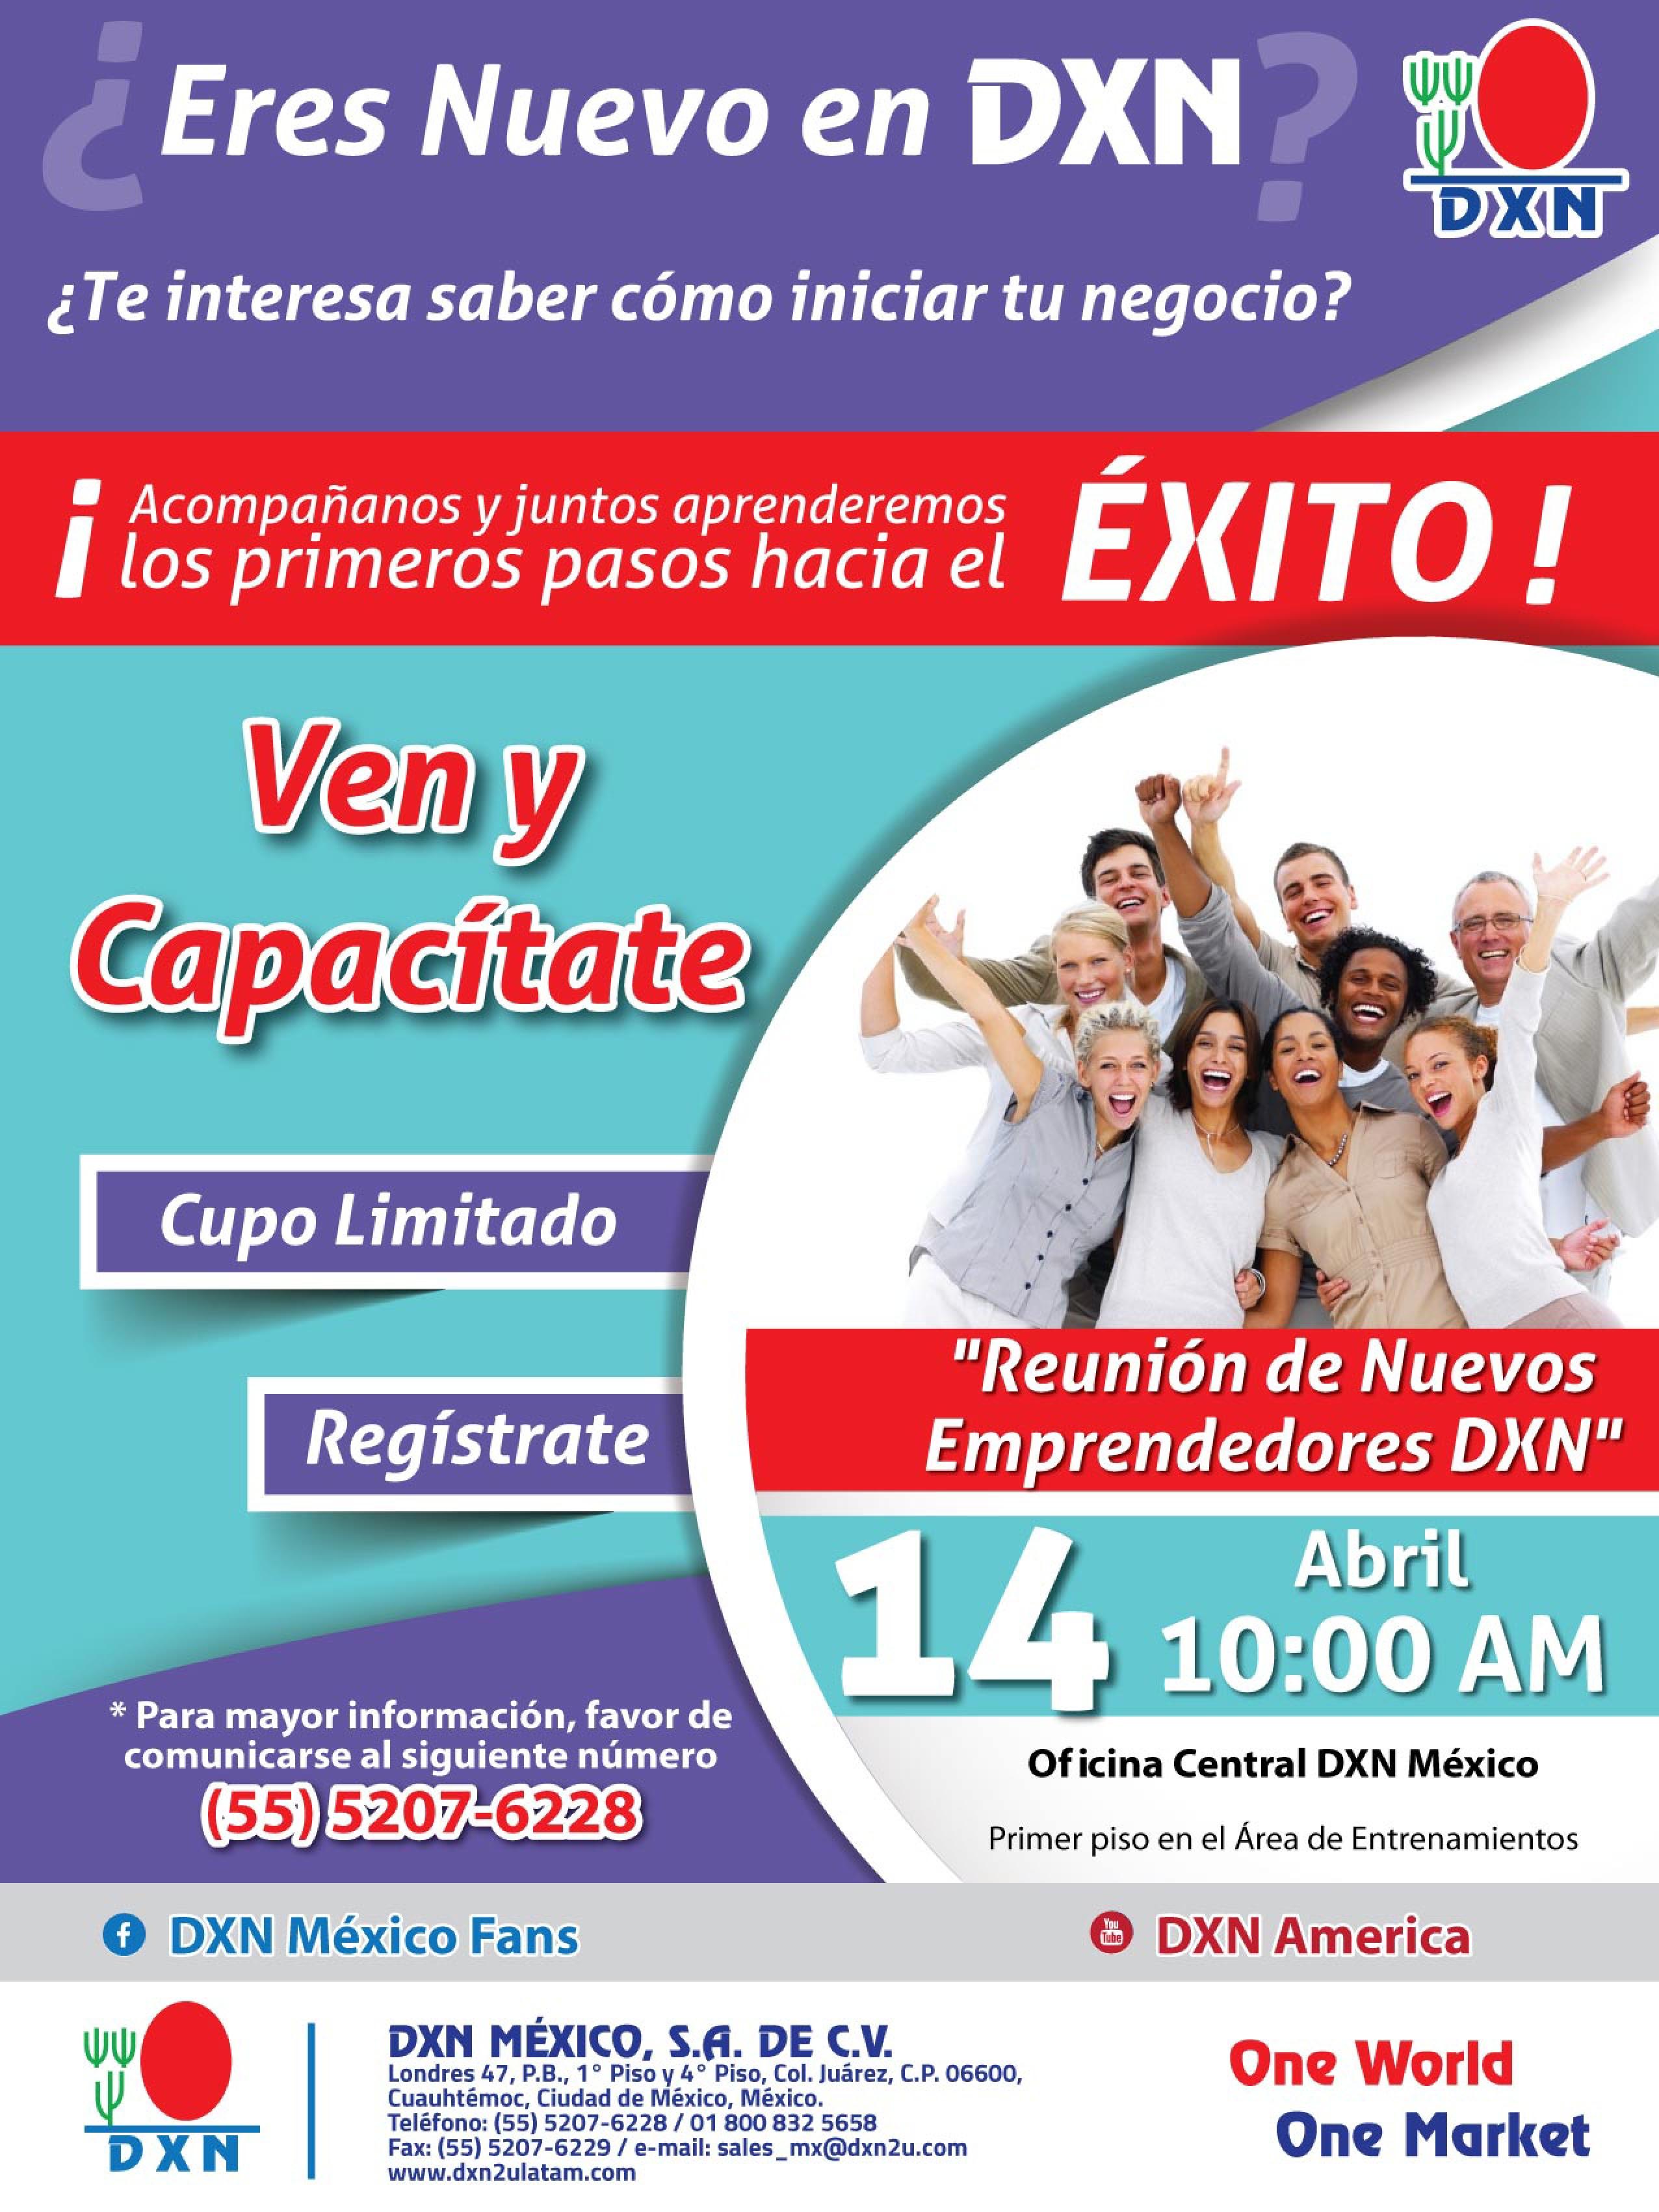 DXN Mexico evento abril